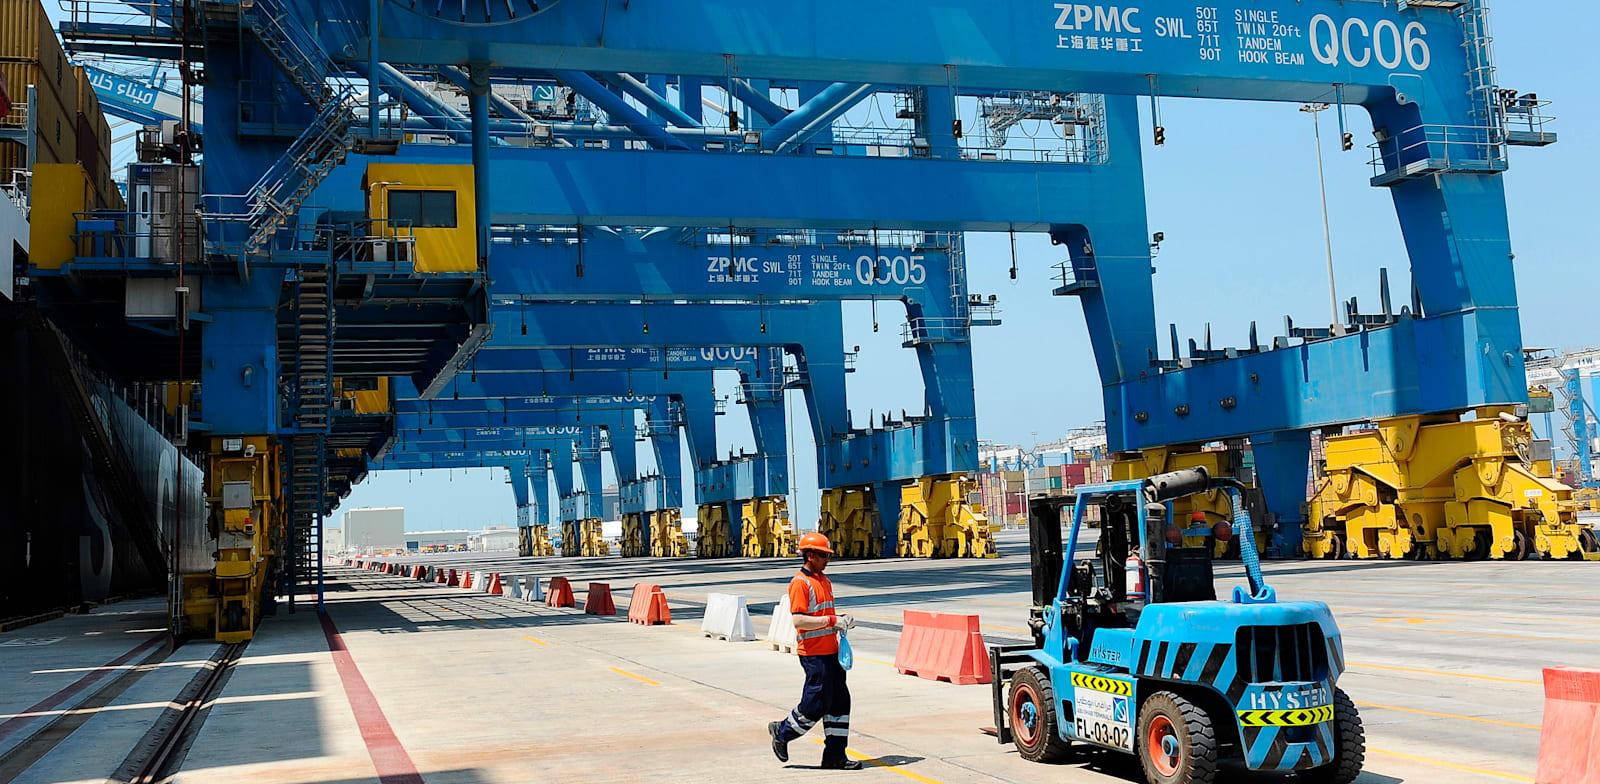 הנמל הימי של אזור התעשייה ומרכז הסחר החופשי קיזאד / צילום: Reuters, Ben Job